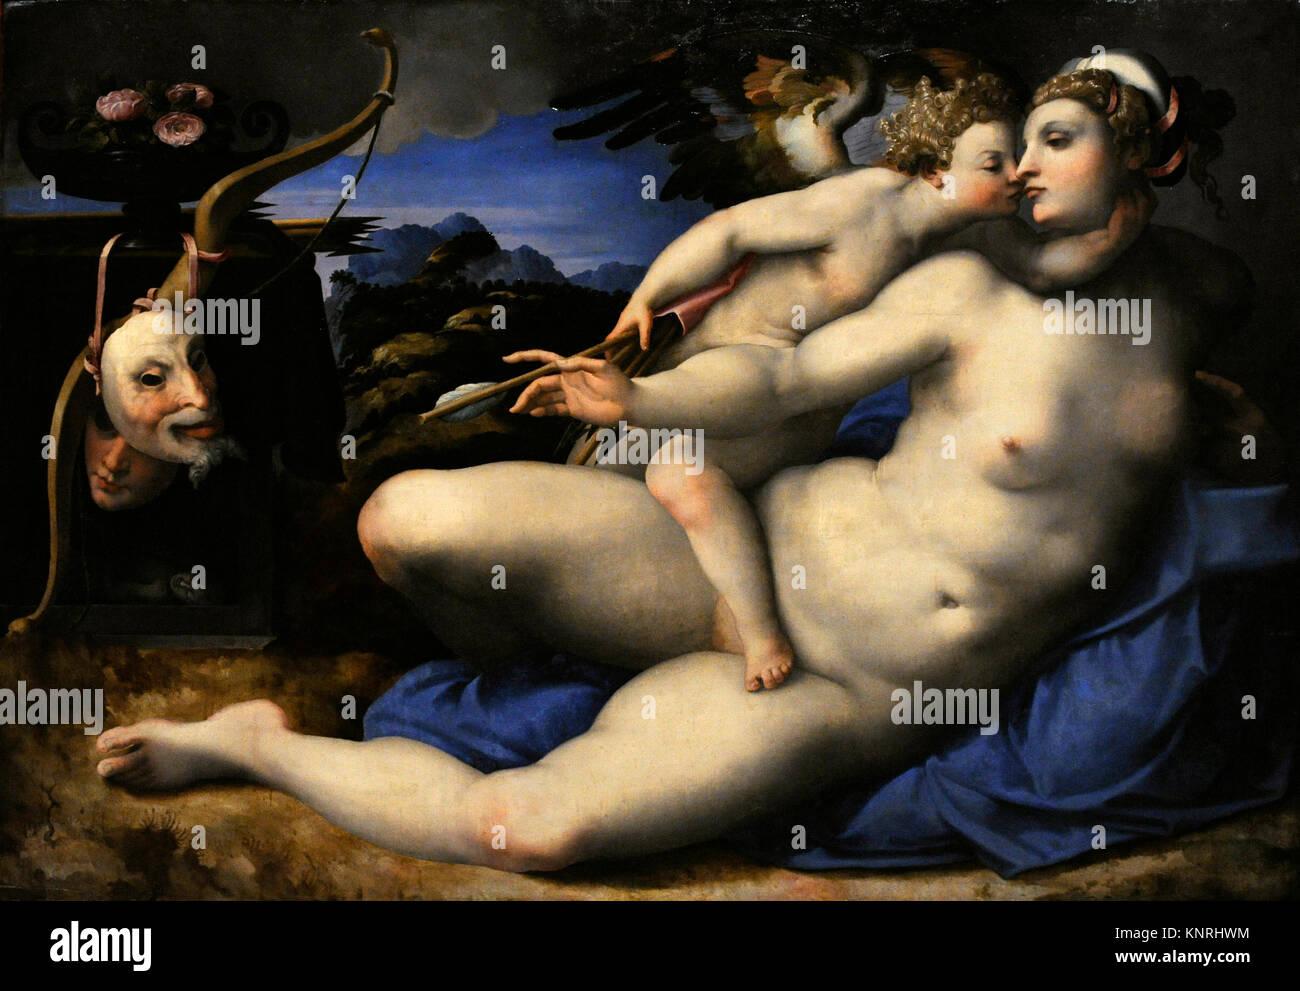 Hendrick van den Broeck (1530-1597). Flemish painter. Venus with Cupid, c.1550-1570. Copy after a Michelangelo (Michelangelo - Stock Image